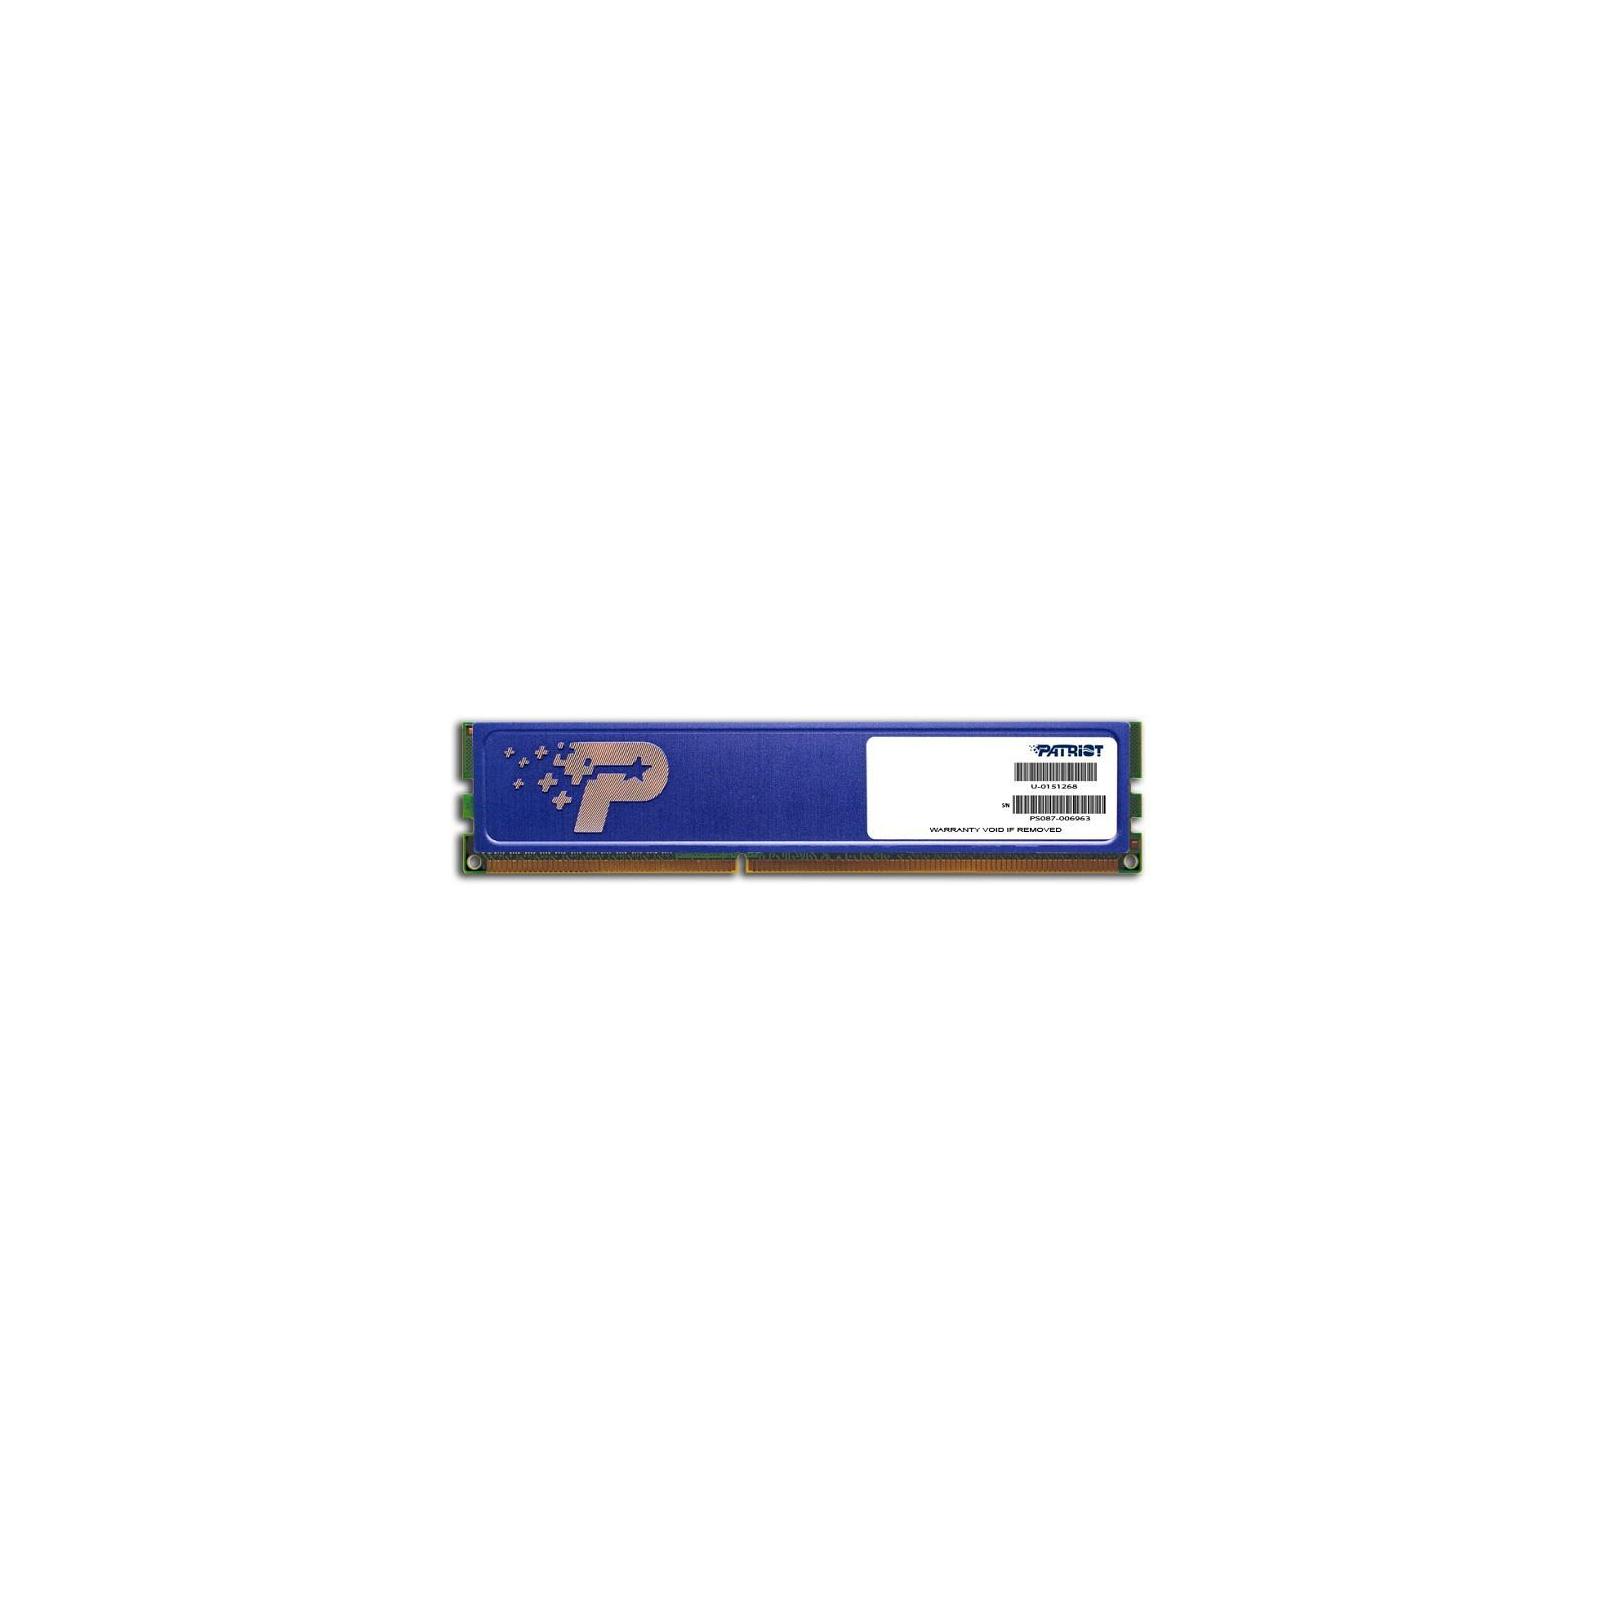 Модуль памяти для компьютера DDR3 4GB 1333 MHz Original Signature Patriot (PSD34G133381H)